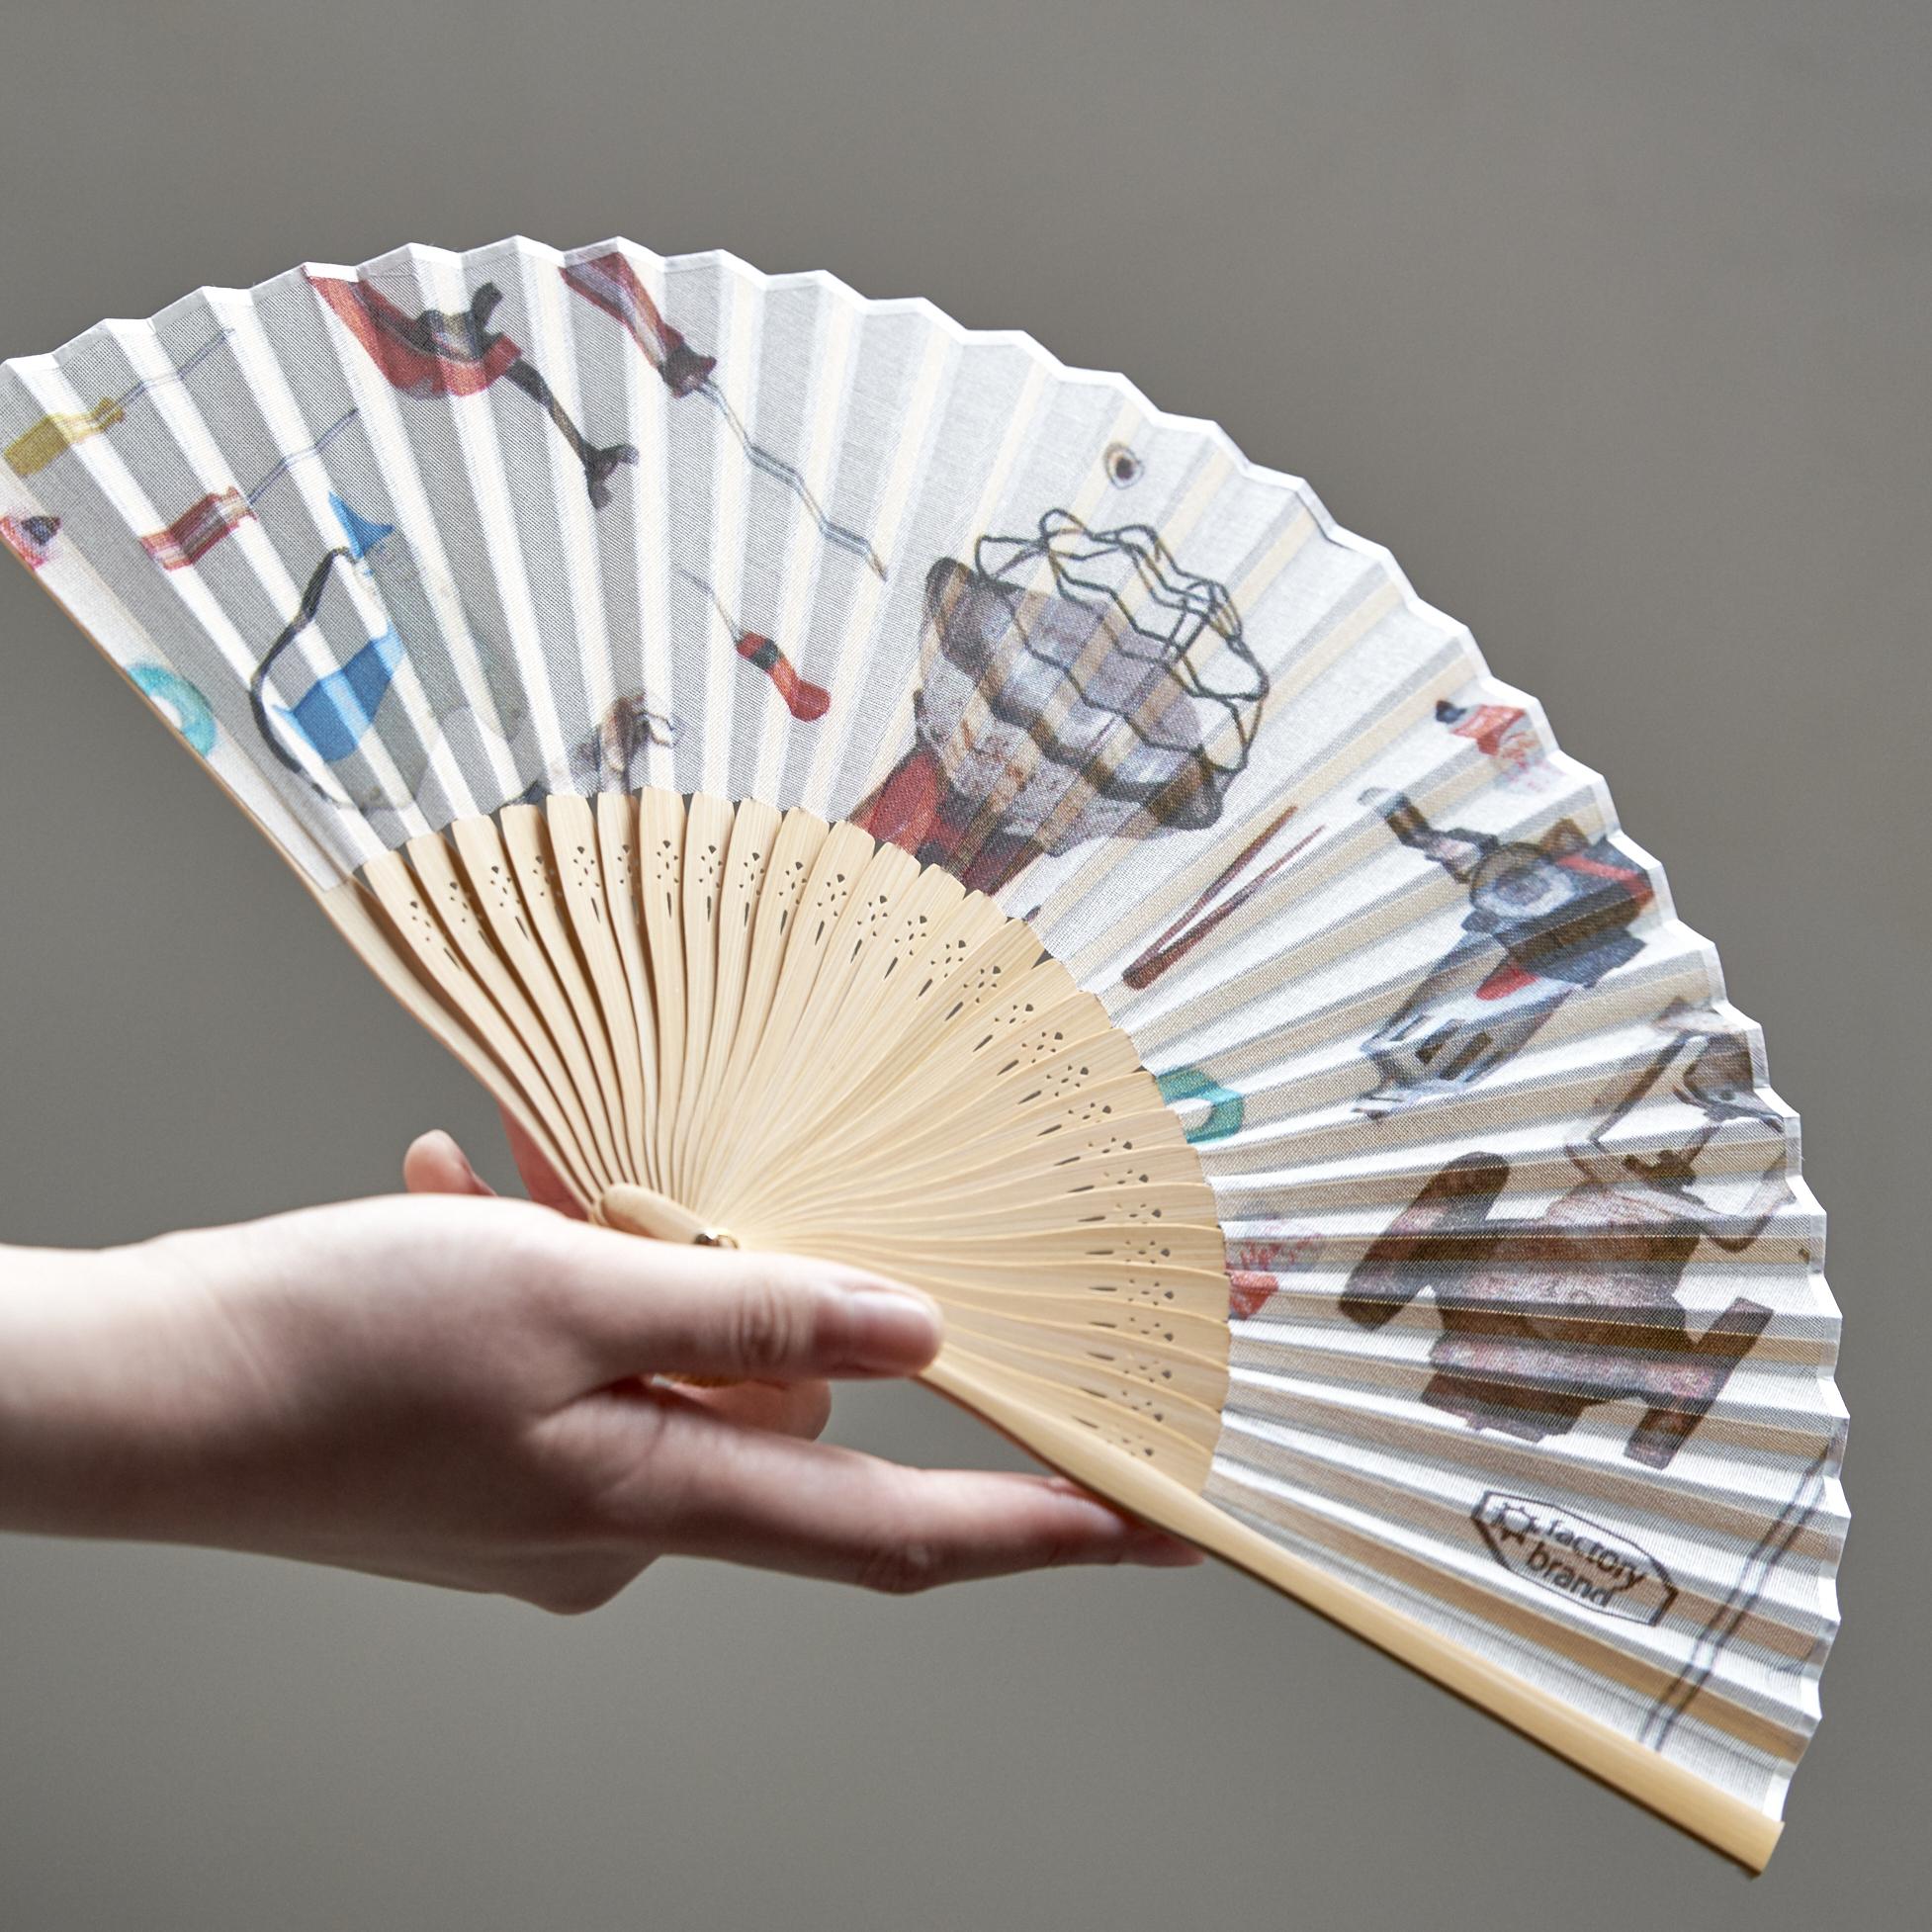 昔ながらの製法で仕立てた綿扇子 - MARUMASU FACTORY - 1color